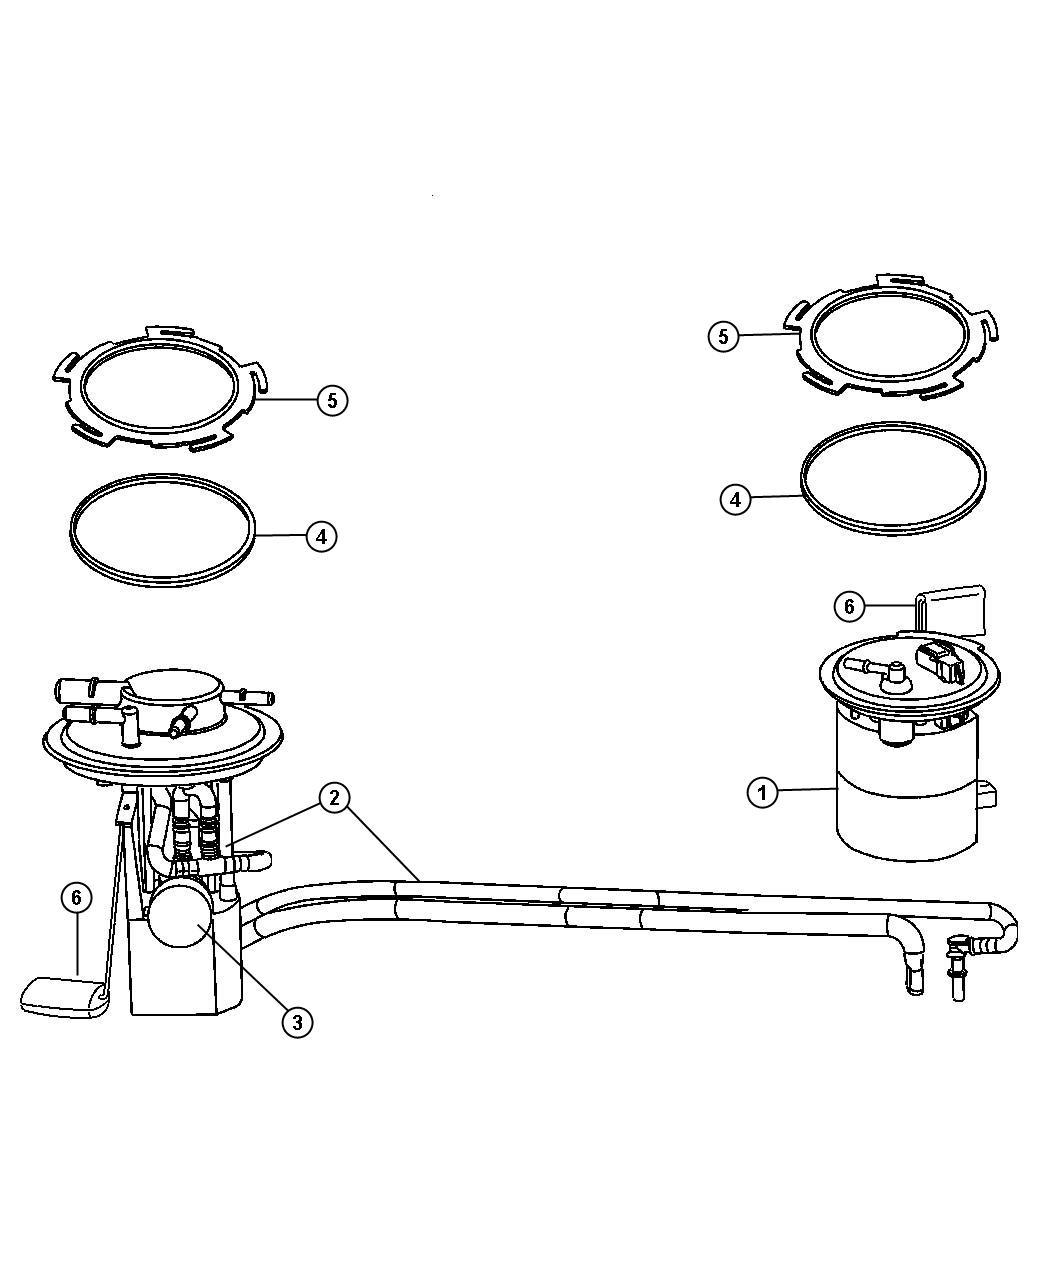 2007 Chrysler Pacifica Module kit. Fuel pump/level unit ...